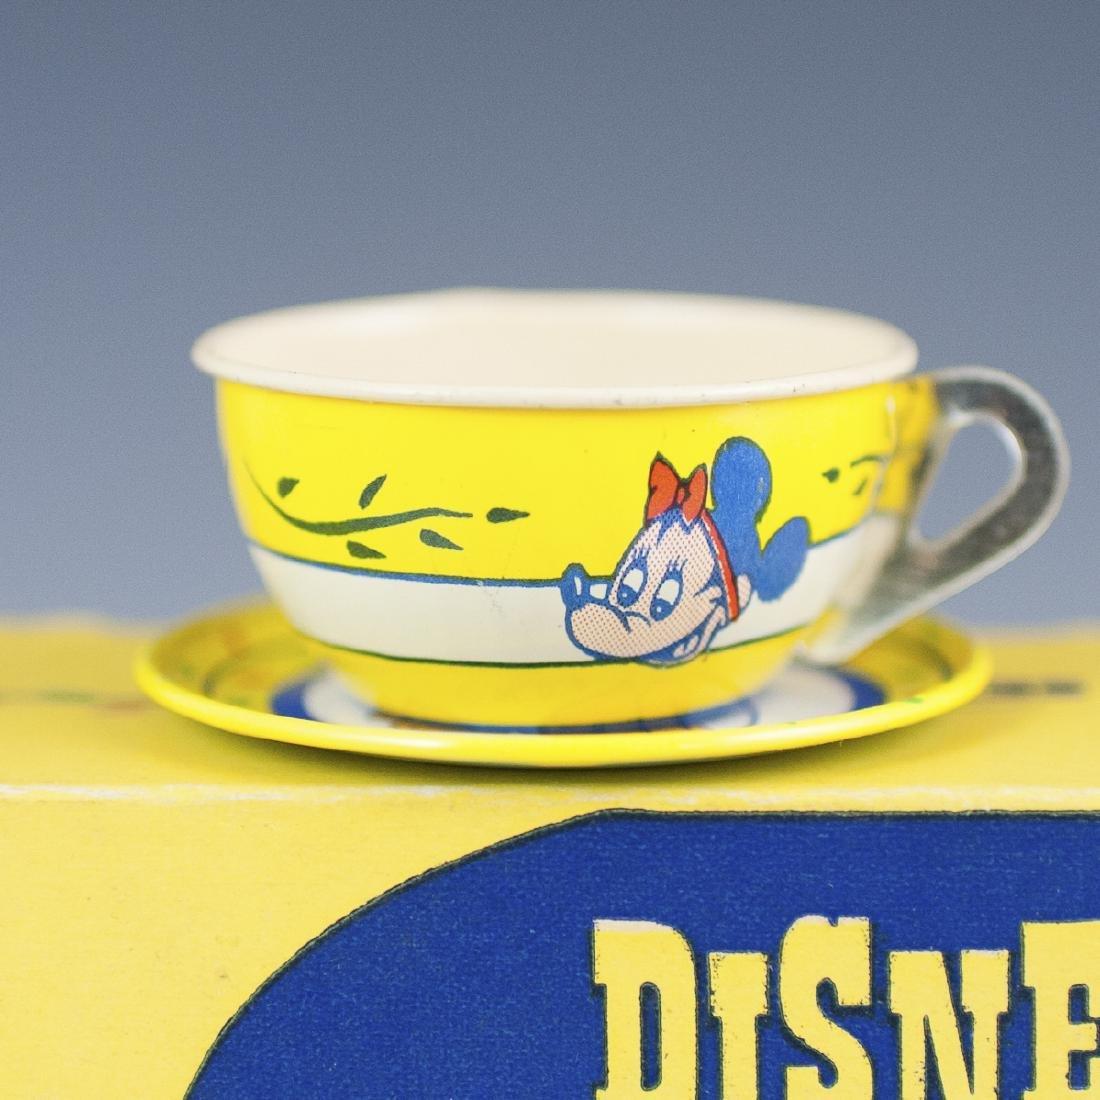 Disneyland J Chien & Co. Enameled Tea Sets - 2